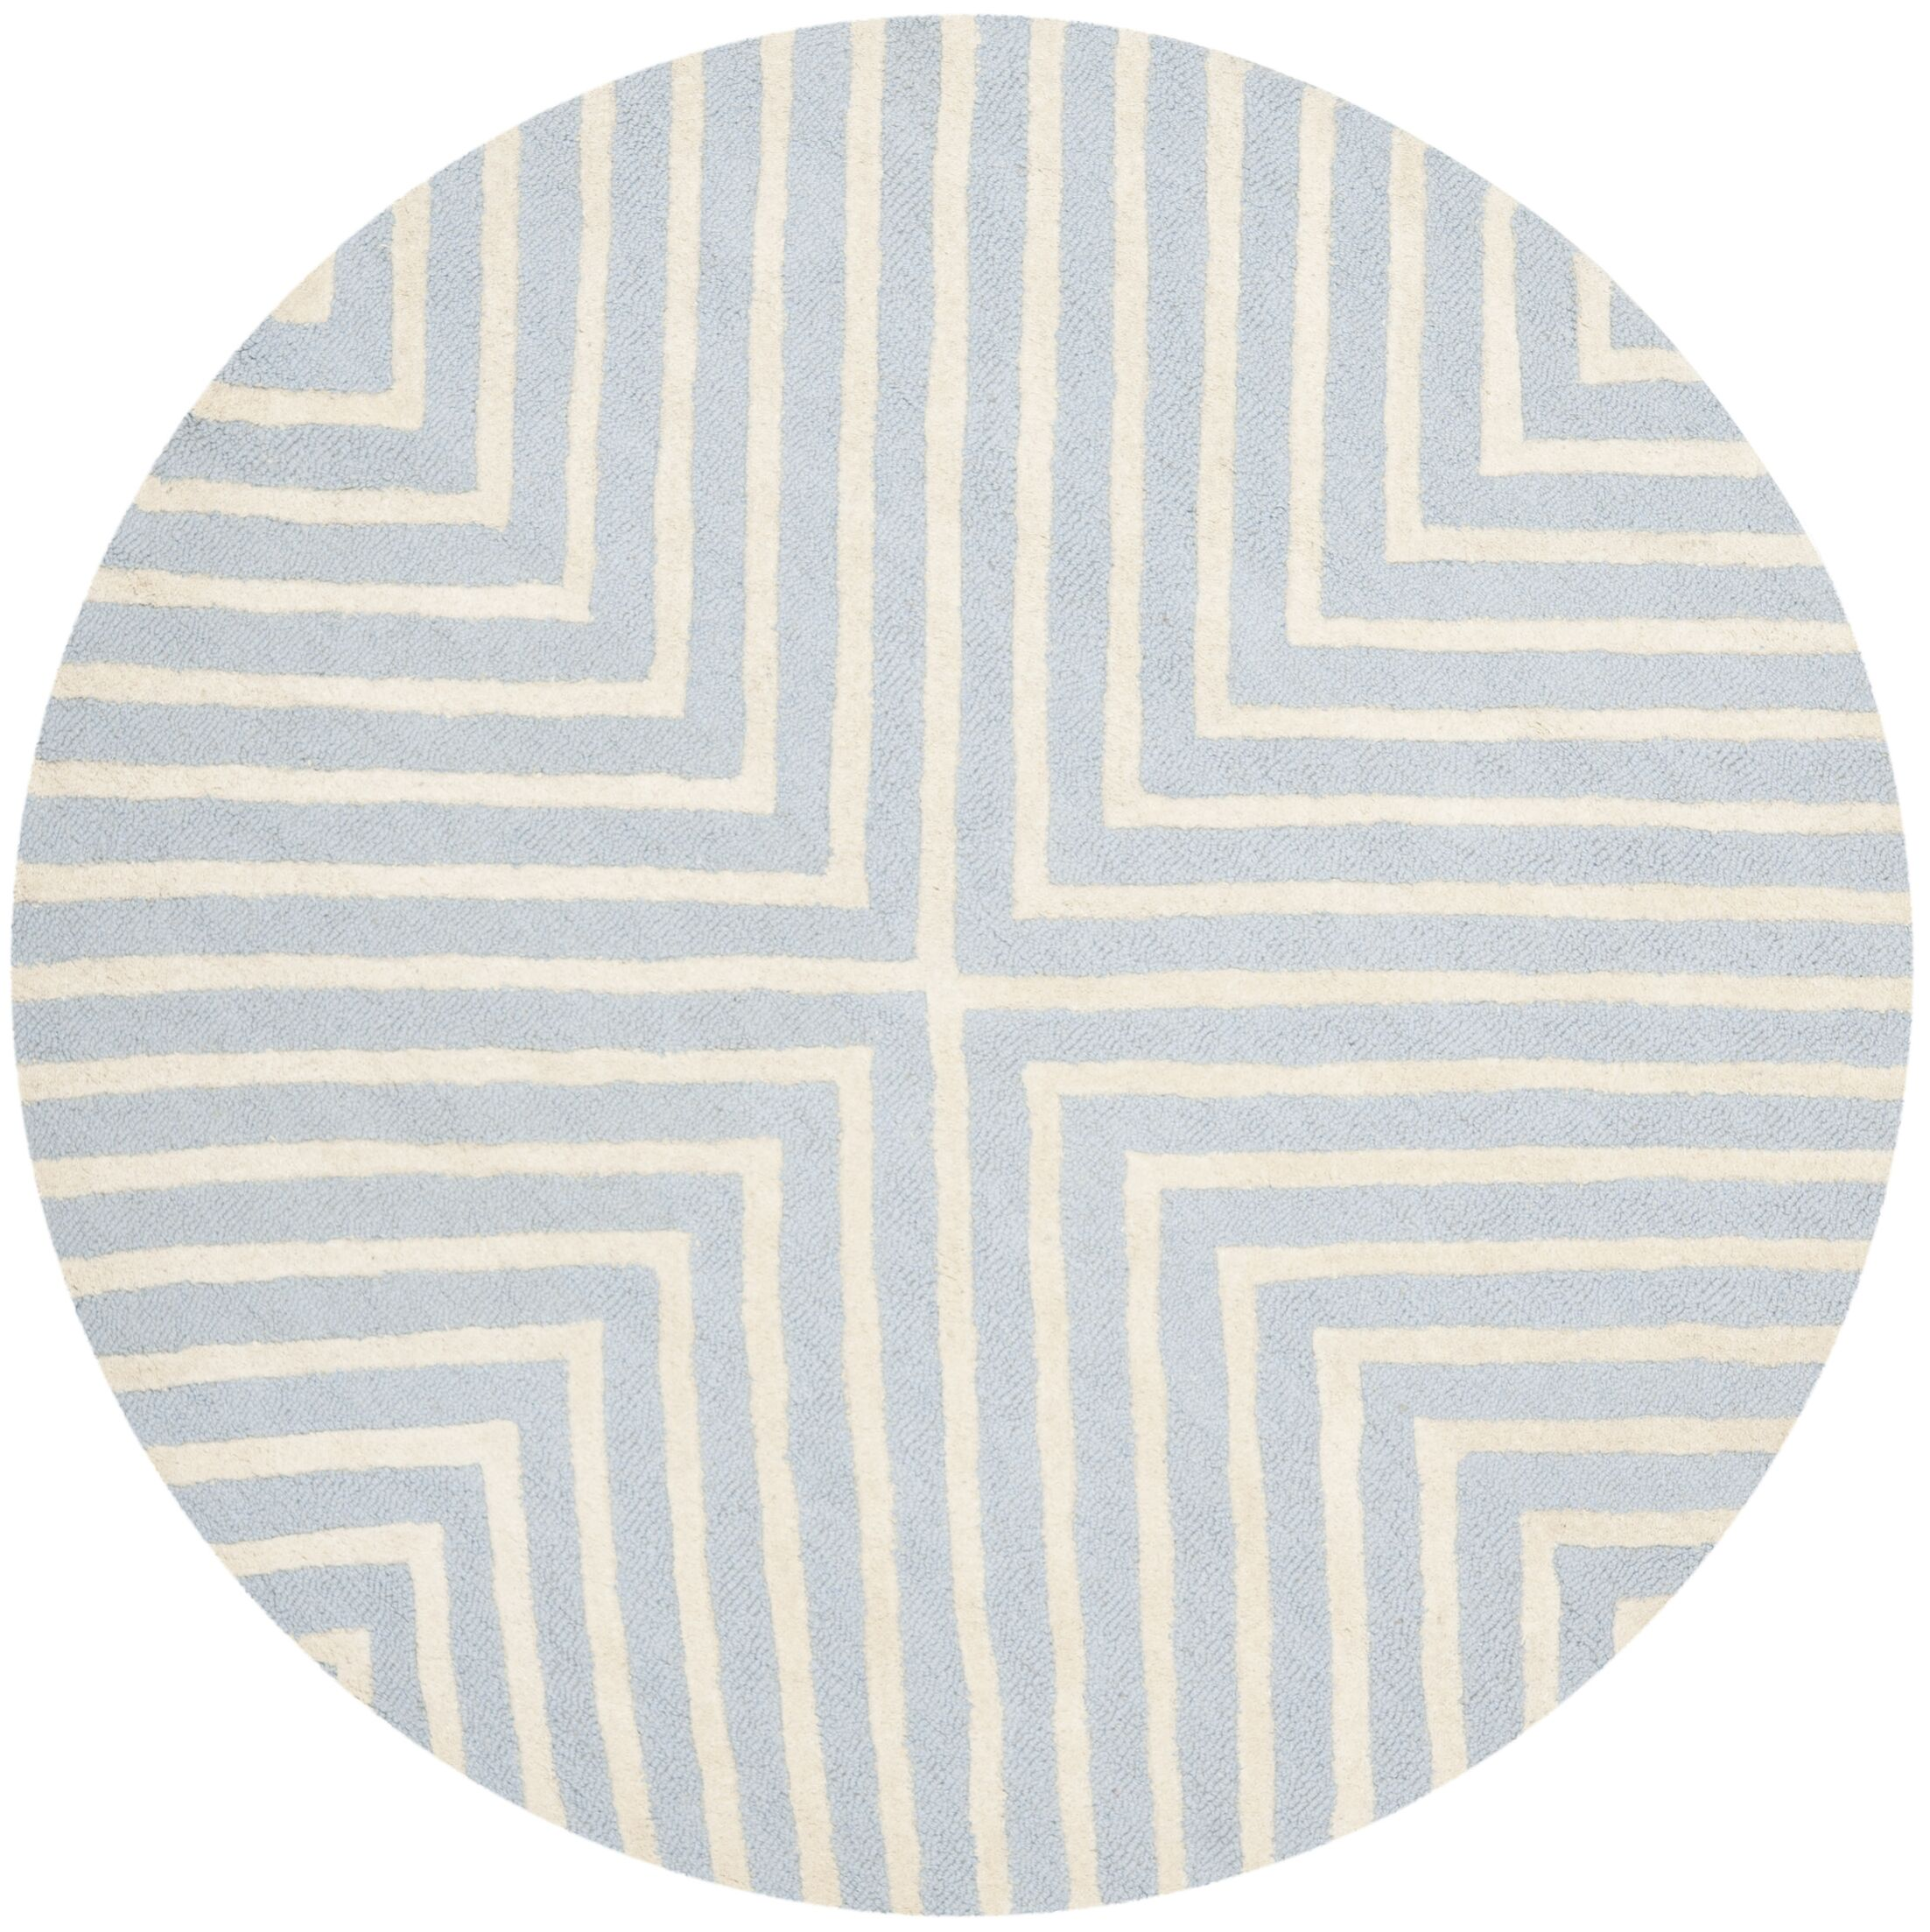 Weybridge Hand Woven Wool Light Blue/Ivory Area Rug Rug Size: Round 4'